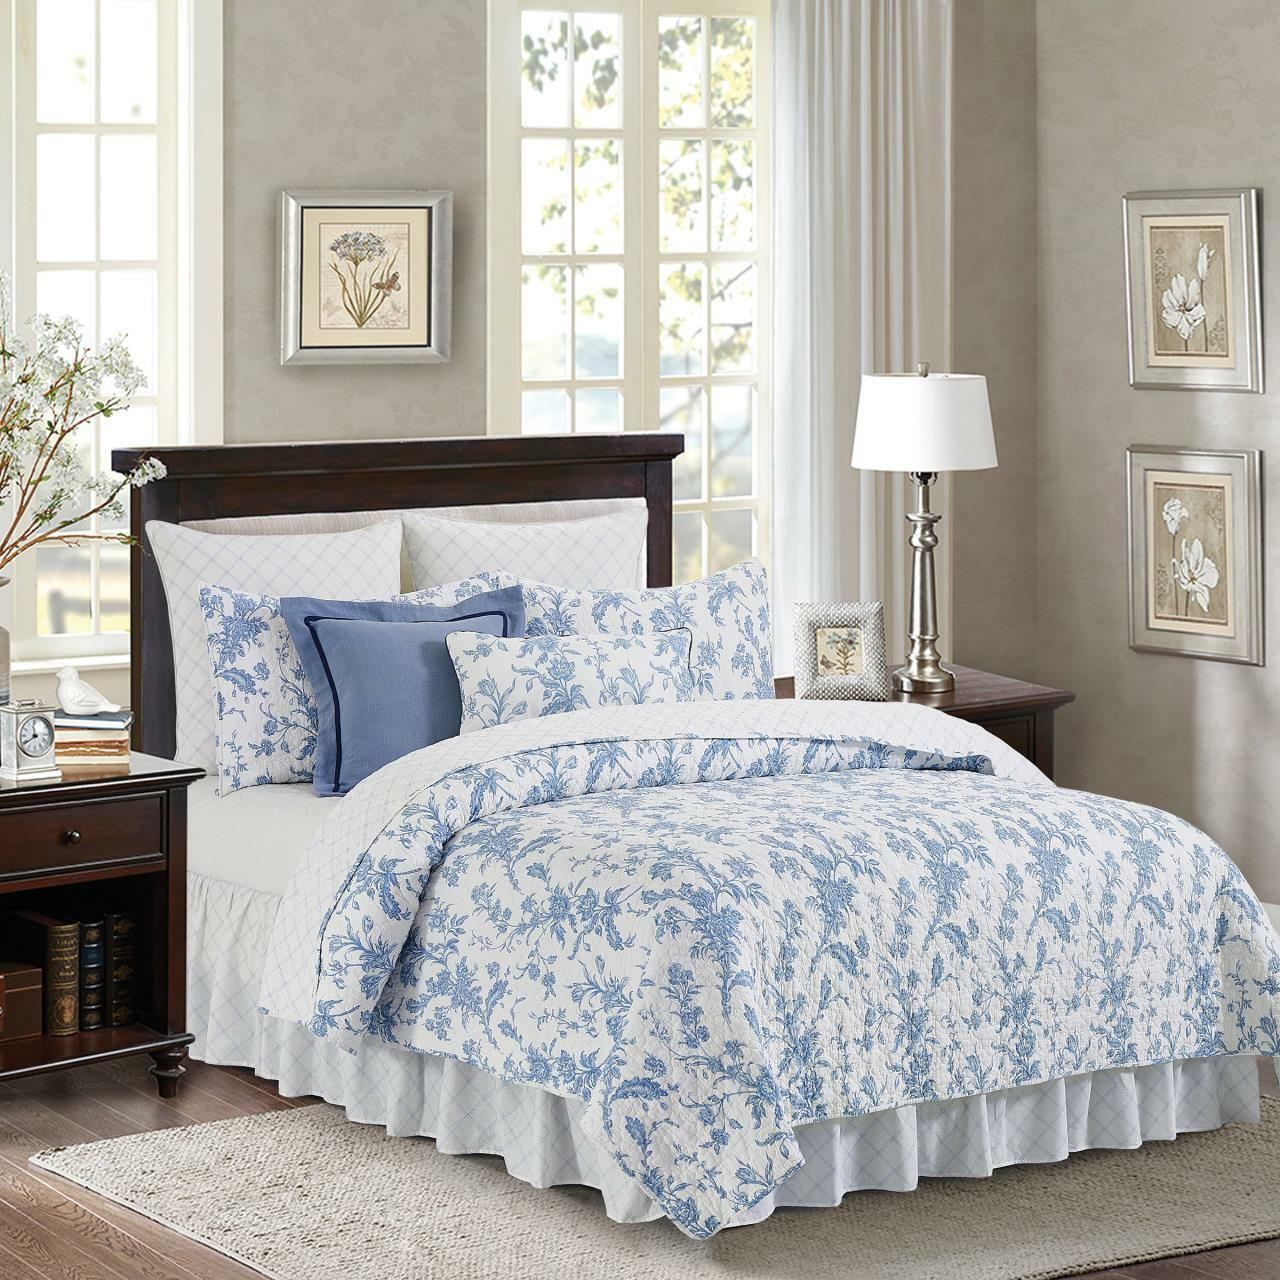 Bleighton Blue Euro Sham - 8246701453